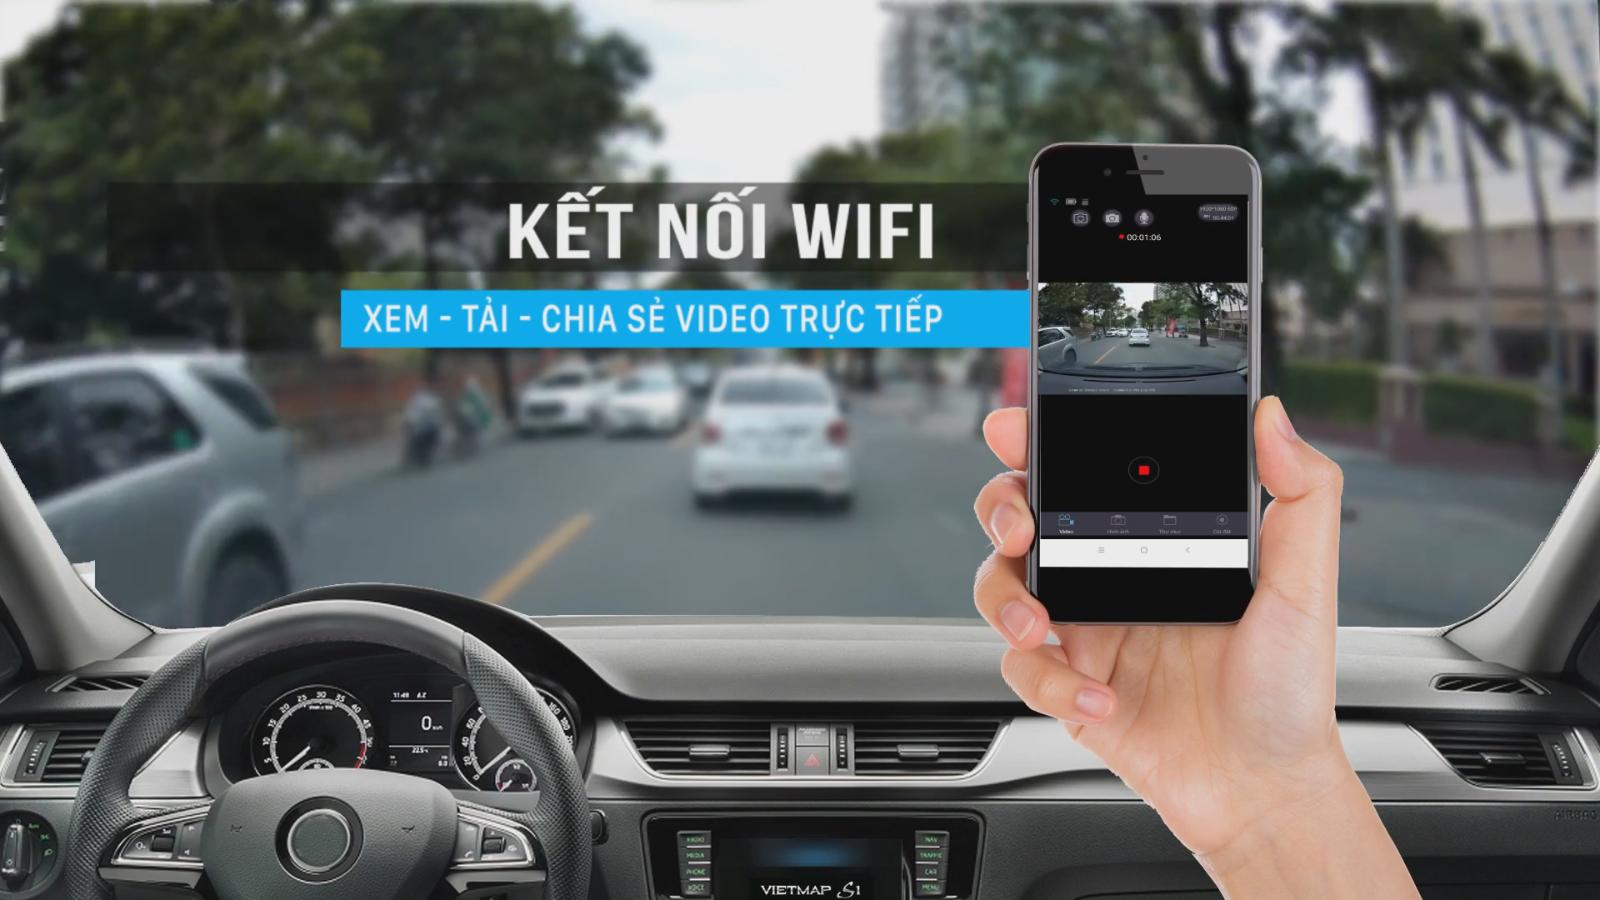 Tính năng Wifi giúp xem, tải và chia sẻ video dễ dàng